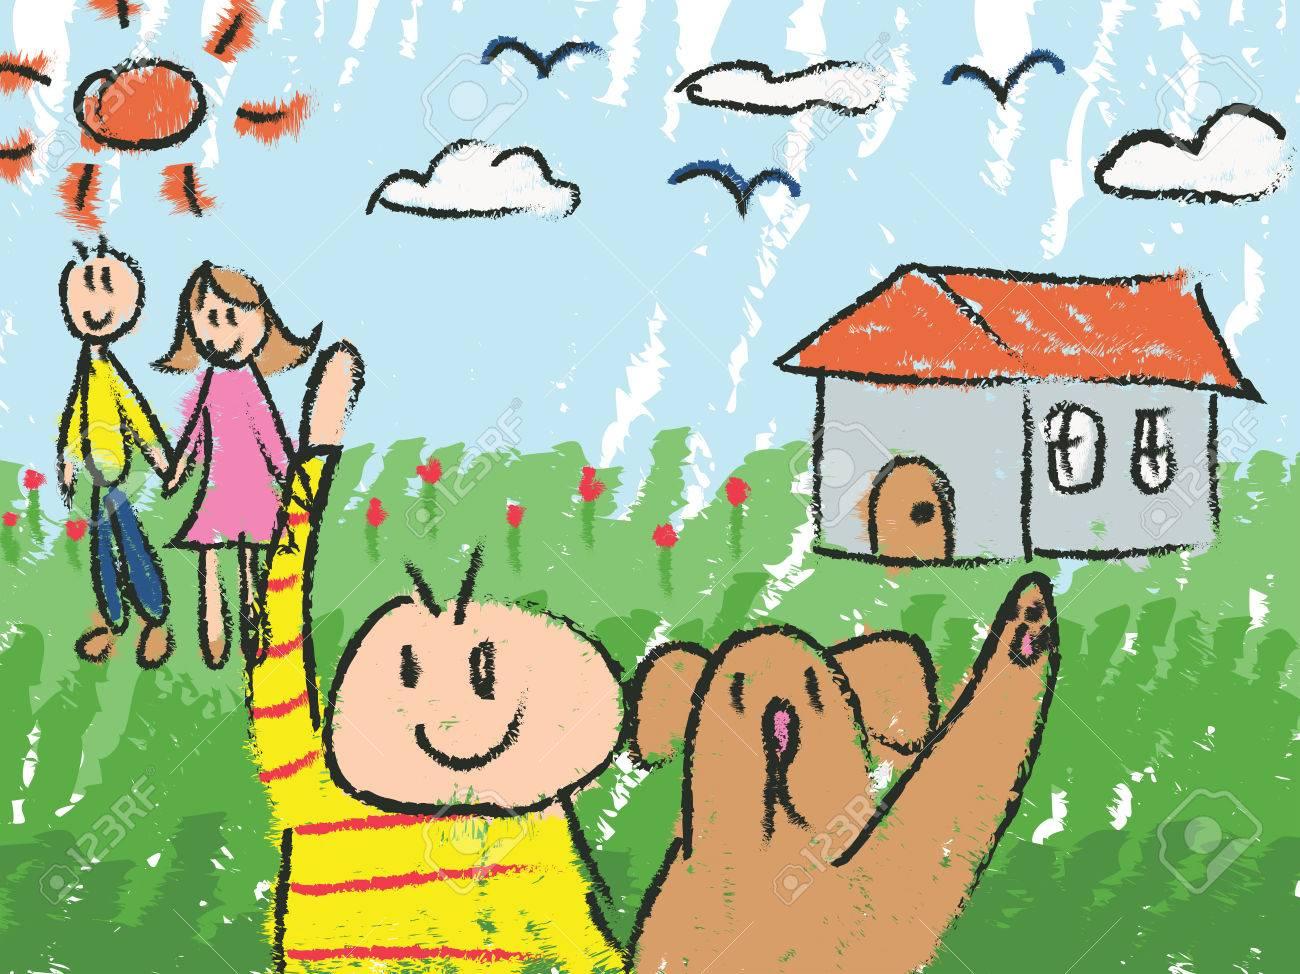 1300x974 Kindergarten Children Color Doodle Drawing Sketch Of Cartoon